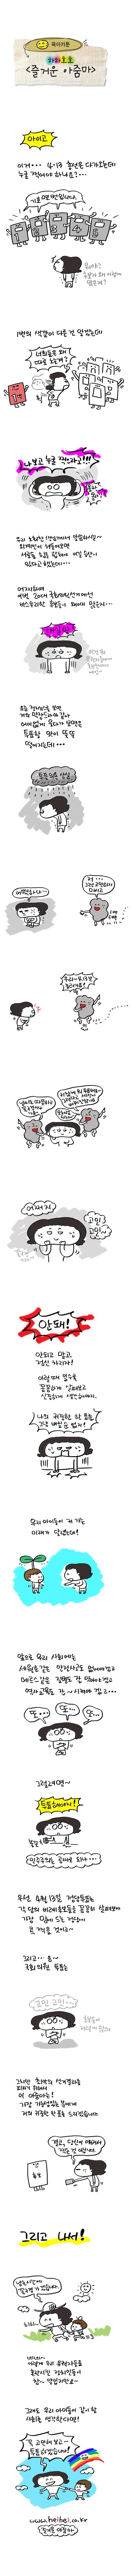 한겨레육아카툰국회의원선거투표.jpg